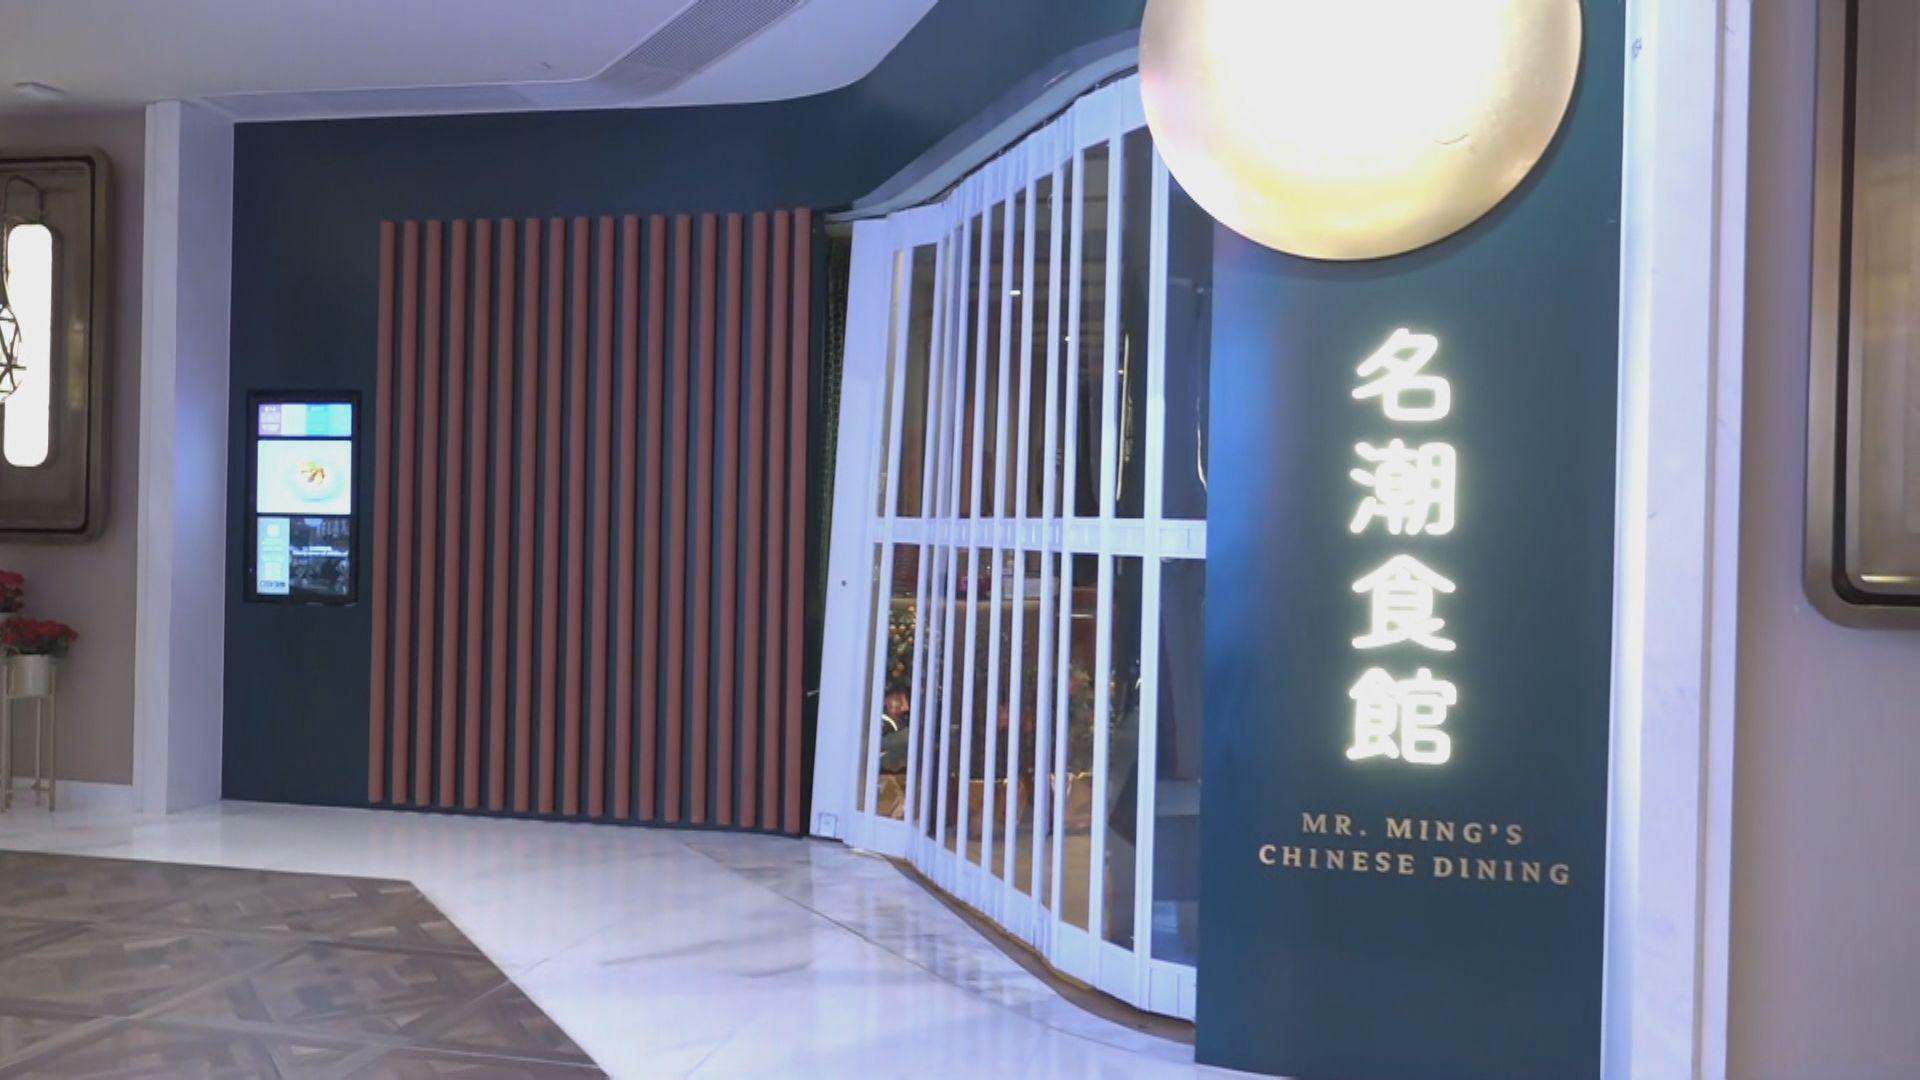 名潮食館群組增至48人現二代傳播 涉及大角咀黃頌仁醫生醫務所